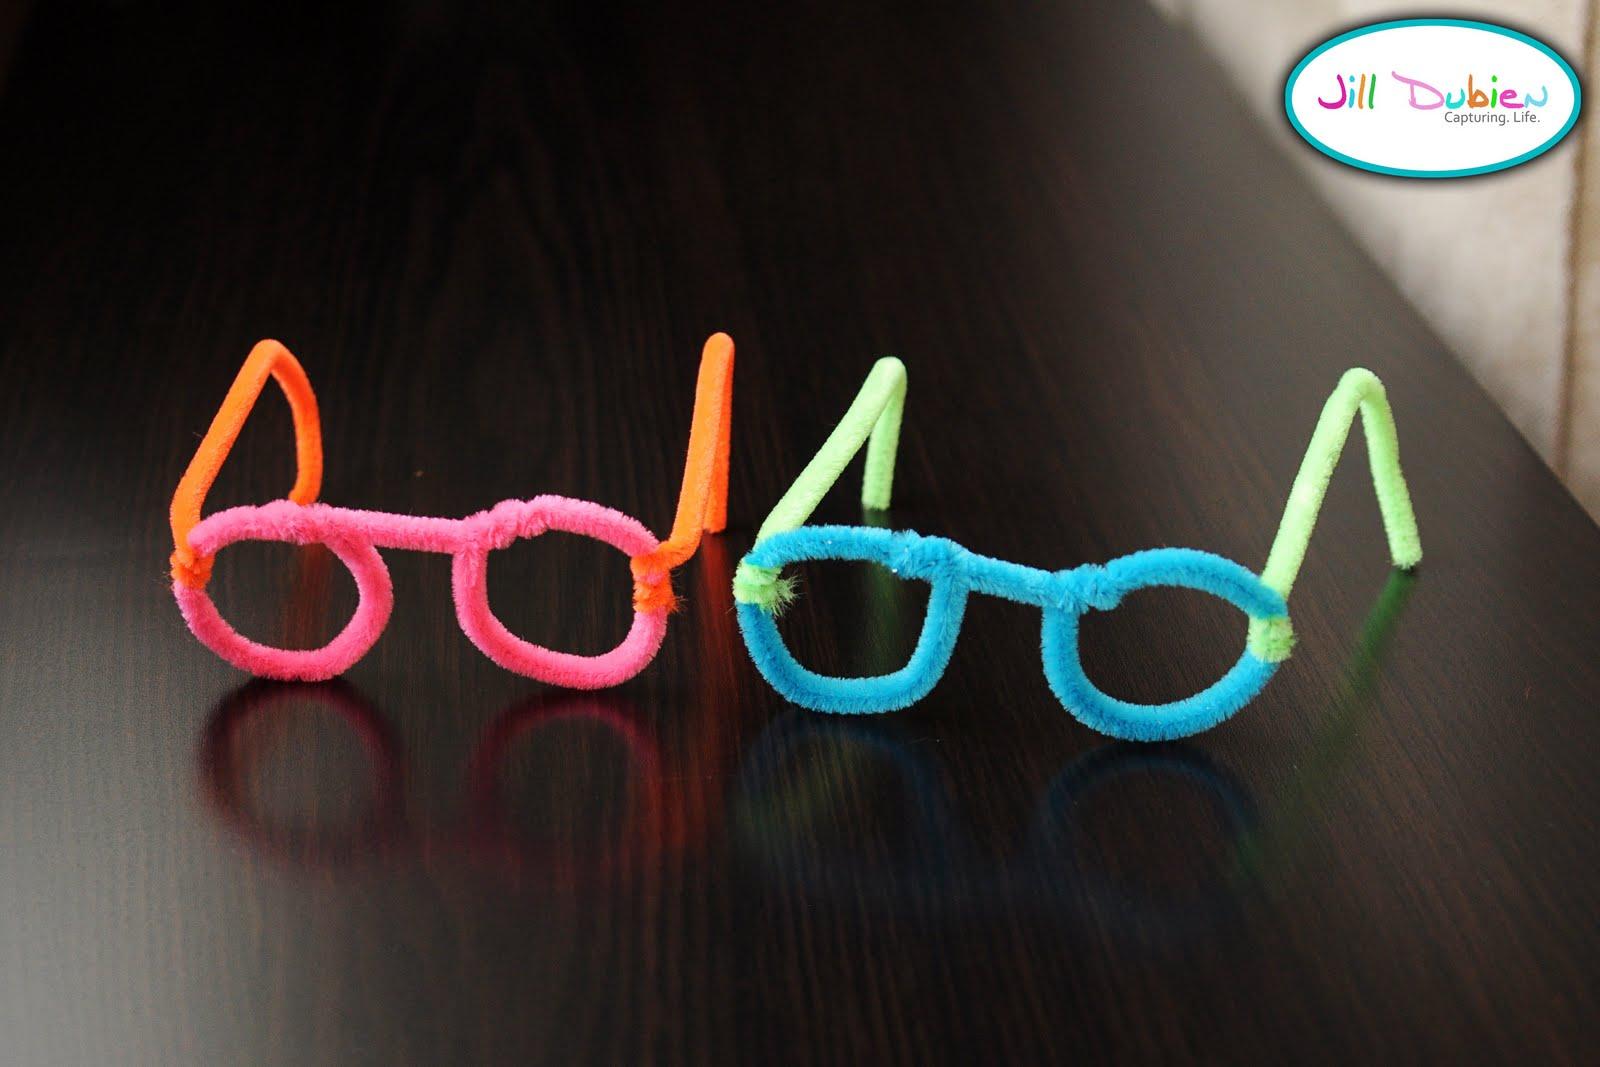 Как сделать очки из бумаги своими руками поэтапно фото для начинающих 54